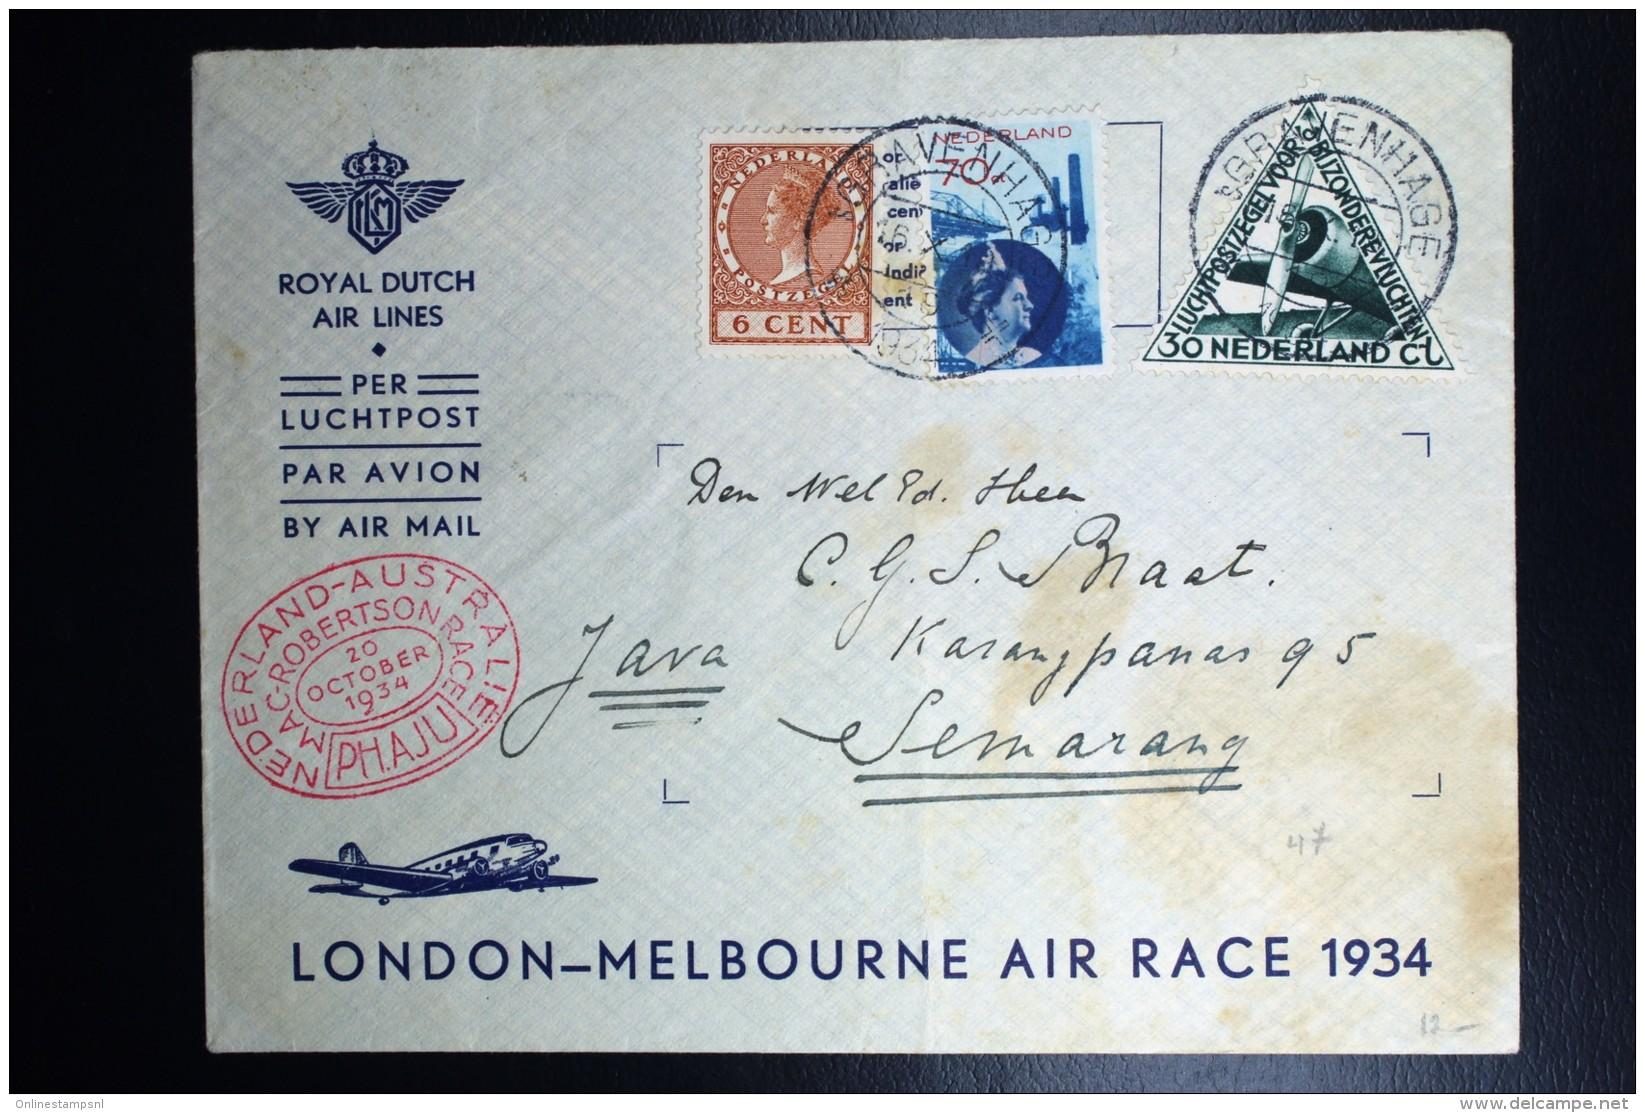 Netherlands: Mac Robertson Air Race UIVER PH.AJU Den Bosch London Sydney Semarang Vlieg Hol 98  1934  Snelvlucht St - Periode 1891-1948 (Wilhelmina)